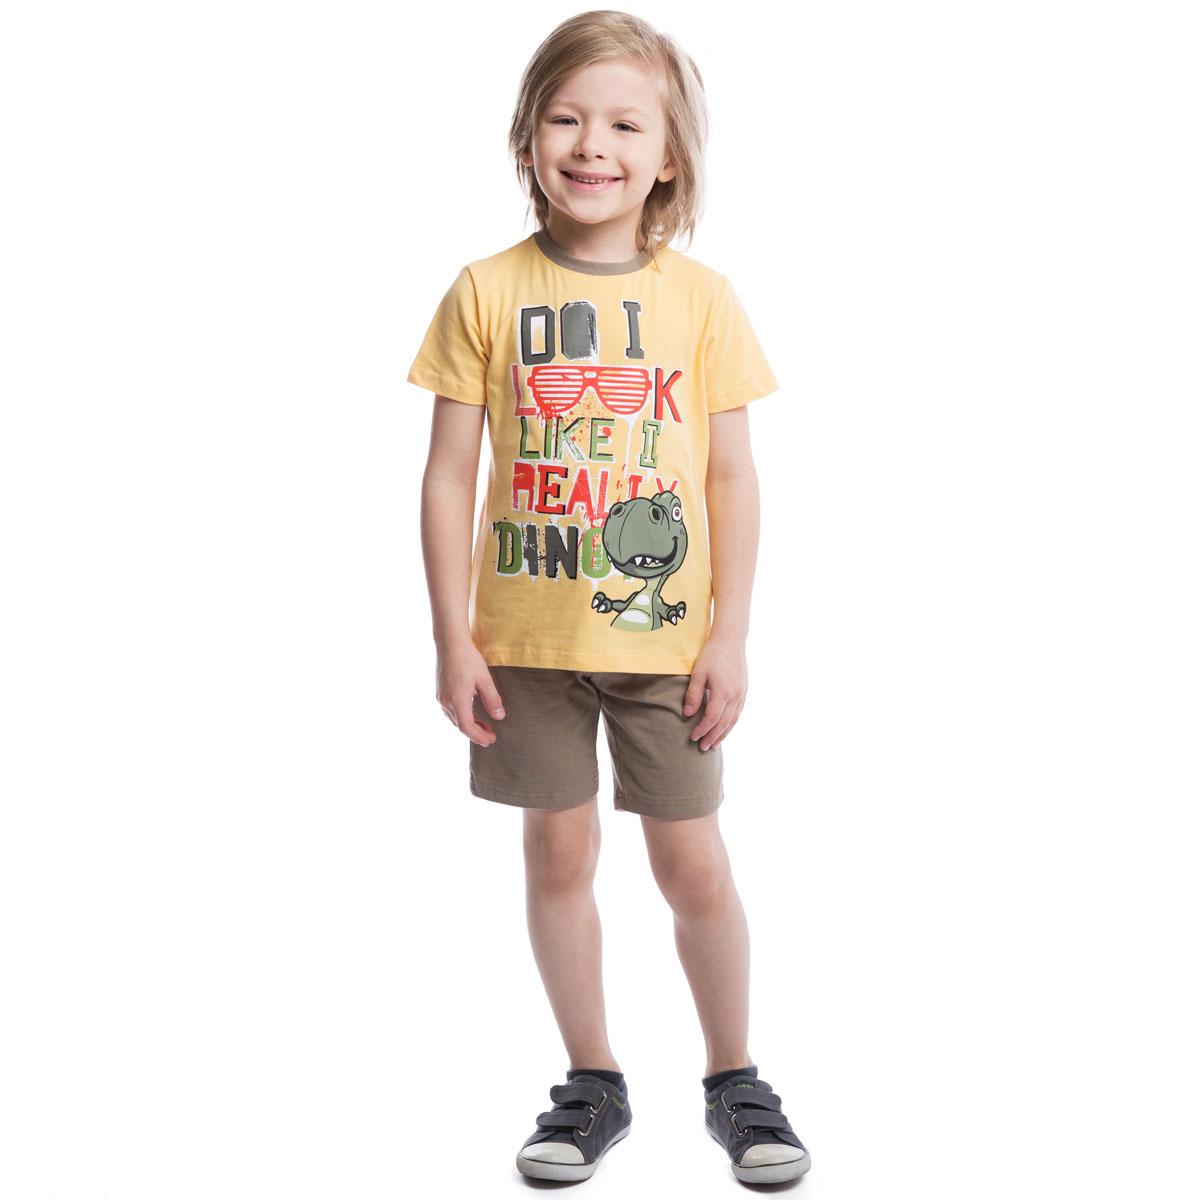 261022Комплект для мальчика PlayToday, состоящий из футболки и шорт, идеально подойдет вашему ребенку. Изготовленный из эластичного хлопка, он необычайно мягкий и приятный на ощупь, не сковывает движения и позволяет коже дышать, не раздражает даже самую нежную и чувствительную кожу ребенка, обеспечивая ему наибольший комфорт. Футболка с короткими рукавами и круглым вырезом горловины на груди оформлена оригинальной термоаппликацией. Горловина дополнена мягкой эластичной резинкой контрастного цвета. Шорты на талии имеют широкую эластичную резинку на кулиске, благодаря чему они не сдавливают животик ребенка и не сползают. Оригинальный дизайн и расцветка делают этот комплект незаменимым предметом детского гардероба. В нем вашему маленькому мужчине будет комфортно и уютно.